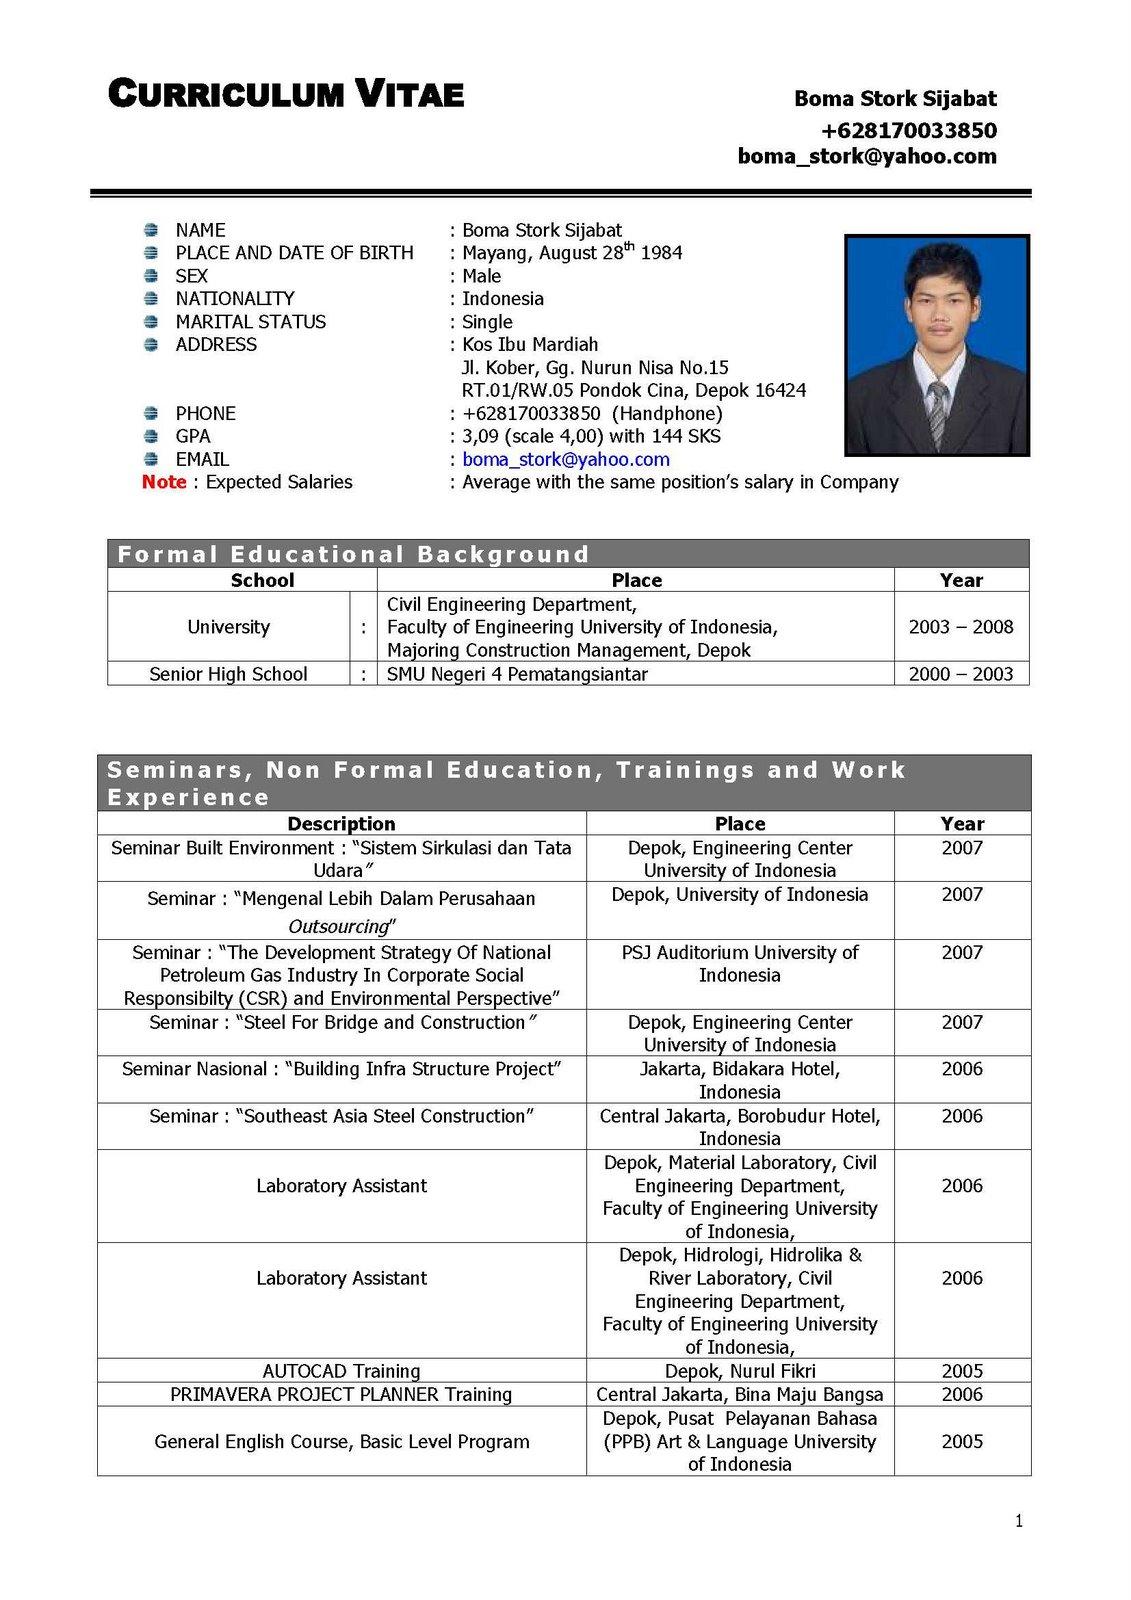 Contoh curriculum vitae pdf